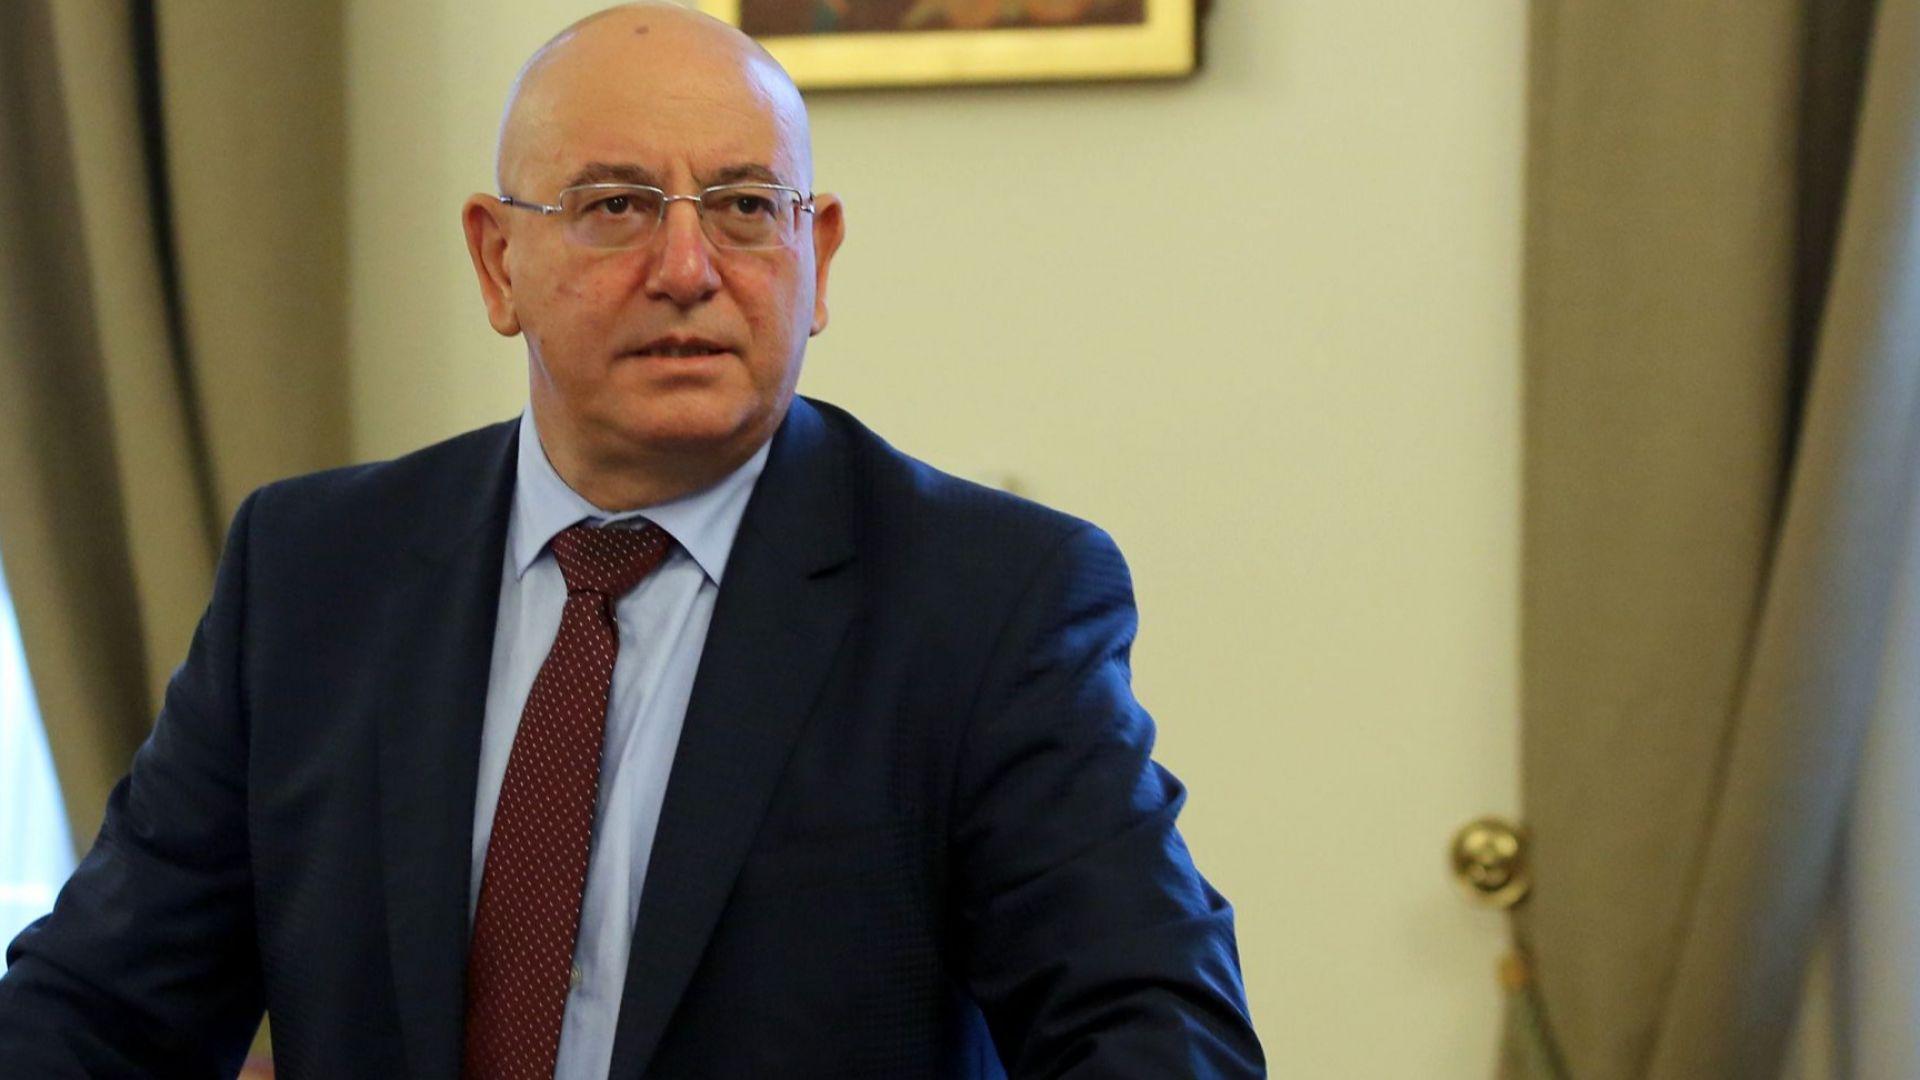 Емил Димитров: В други страни думите на президента биха се тълкували като държавна измяна